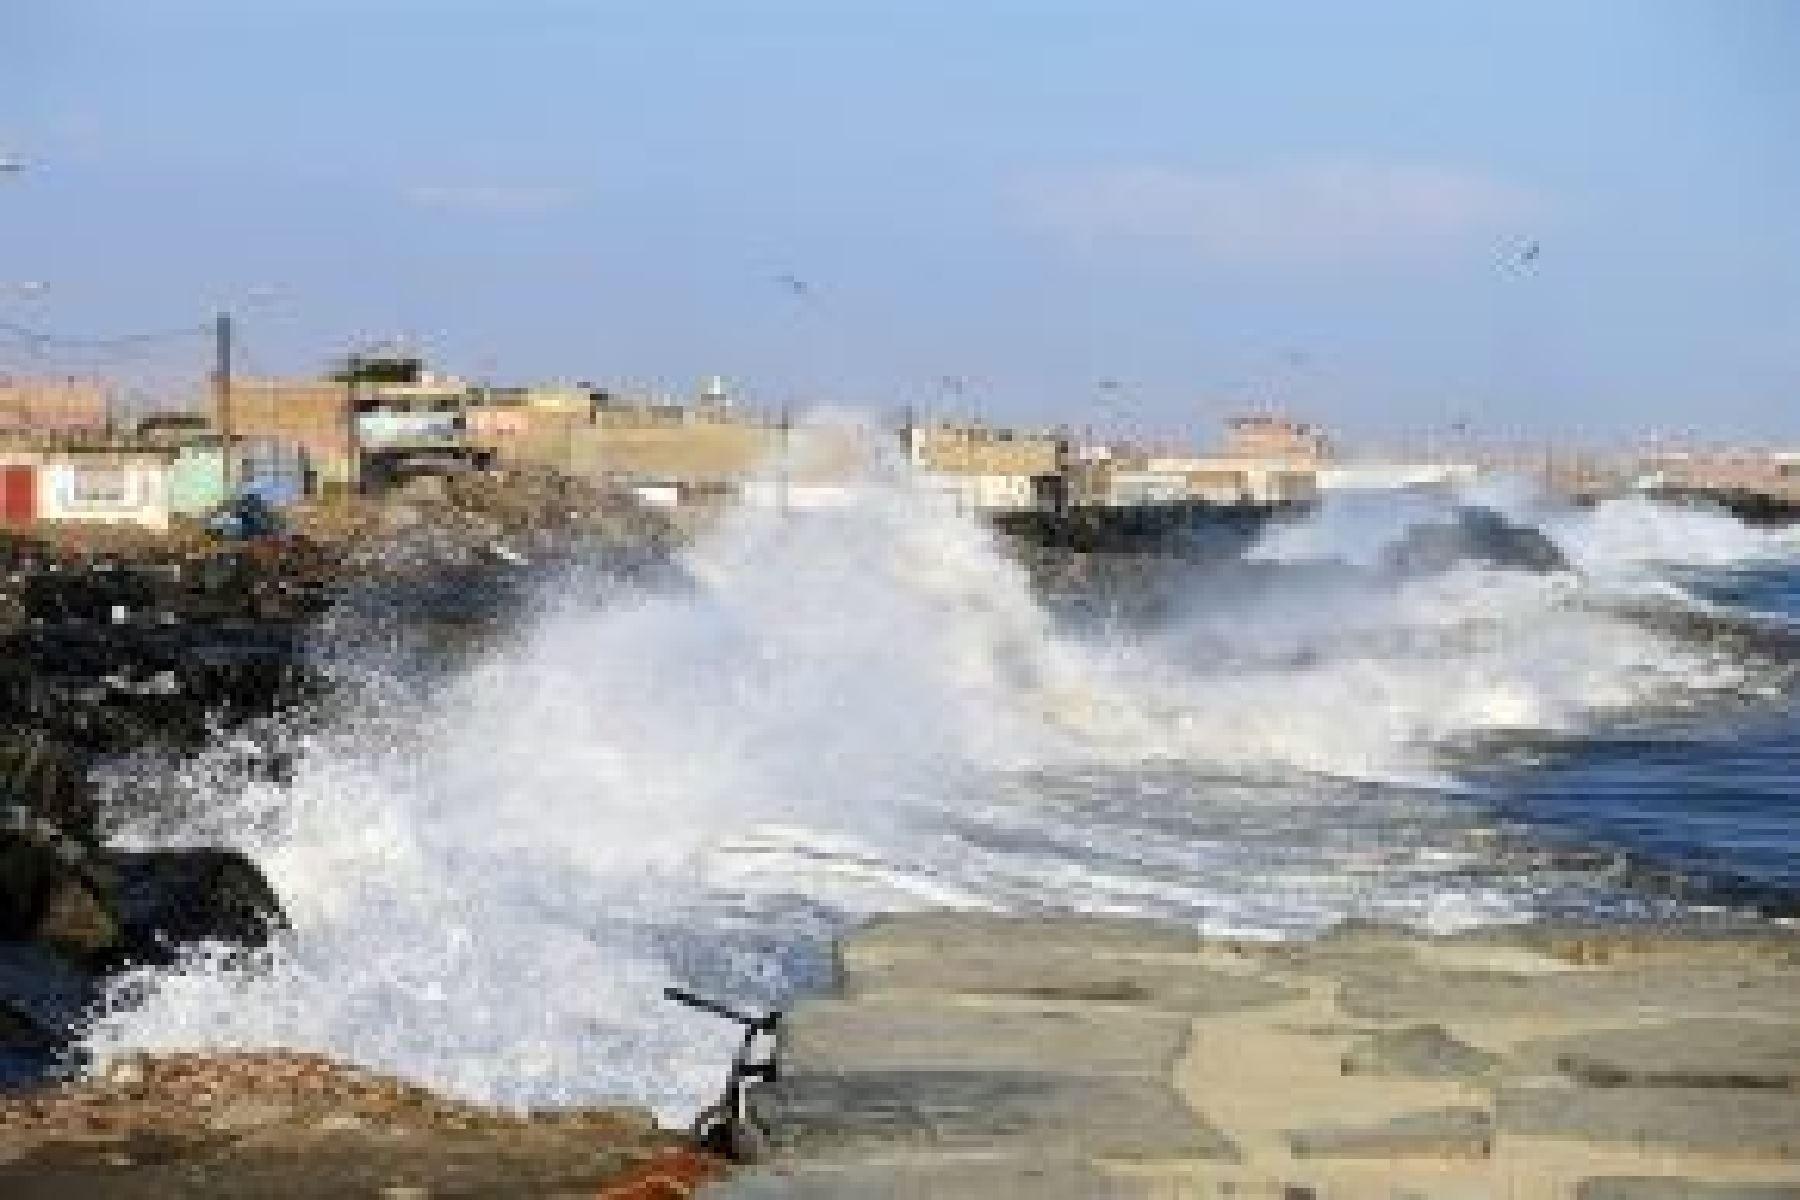 Recomiendan suspender actividades portuarias y de pesca por oleajes anómalos